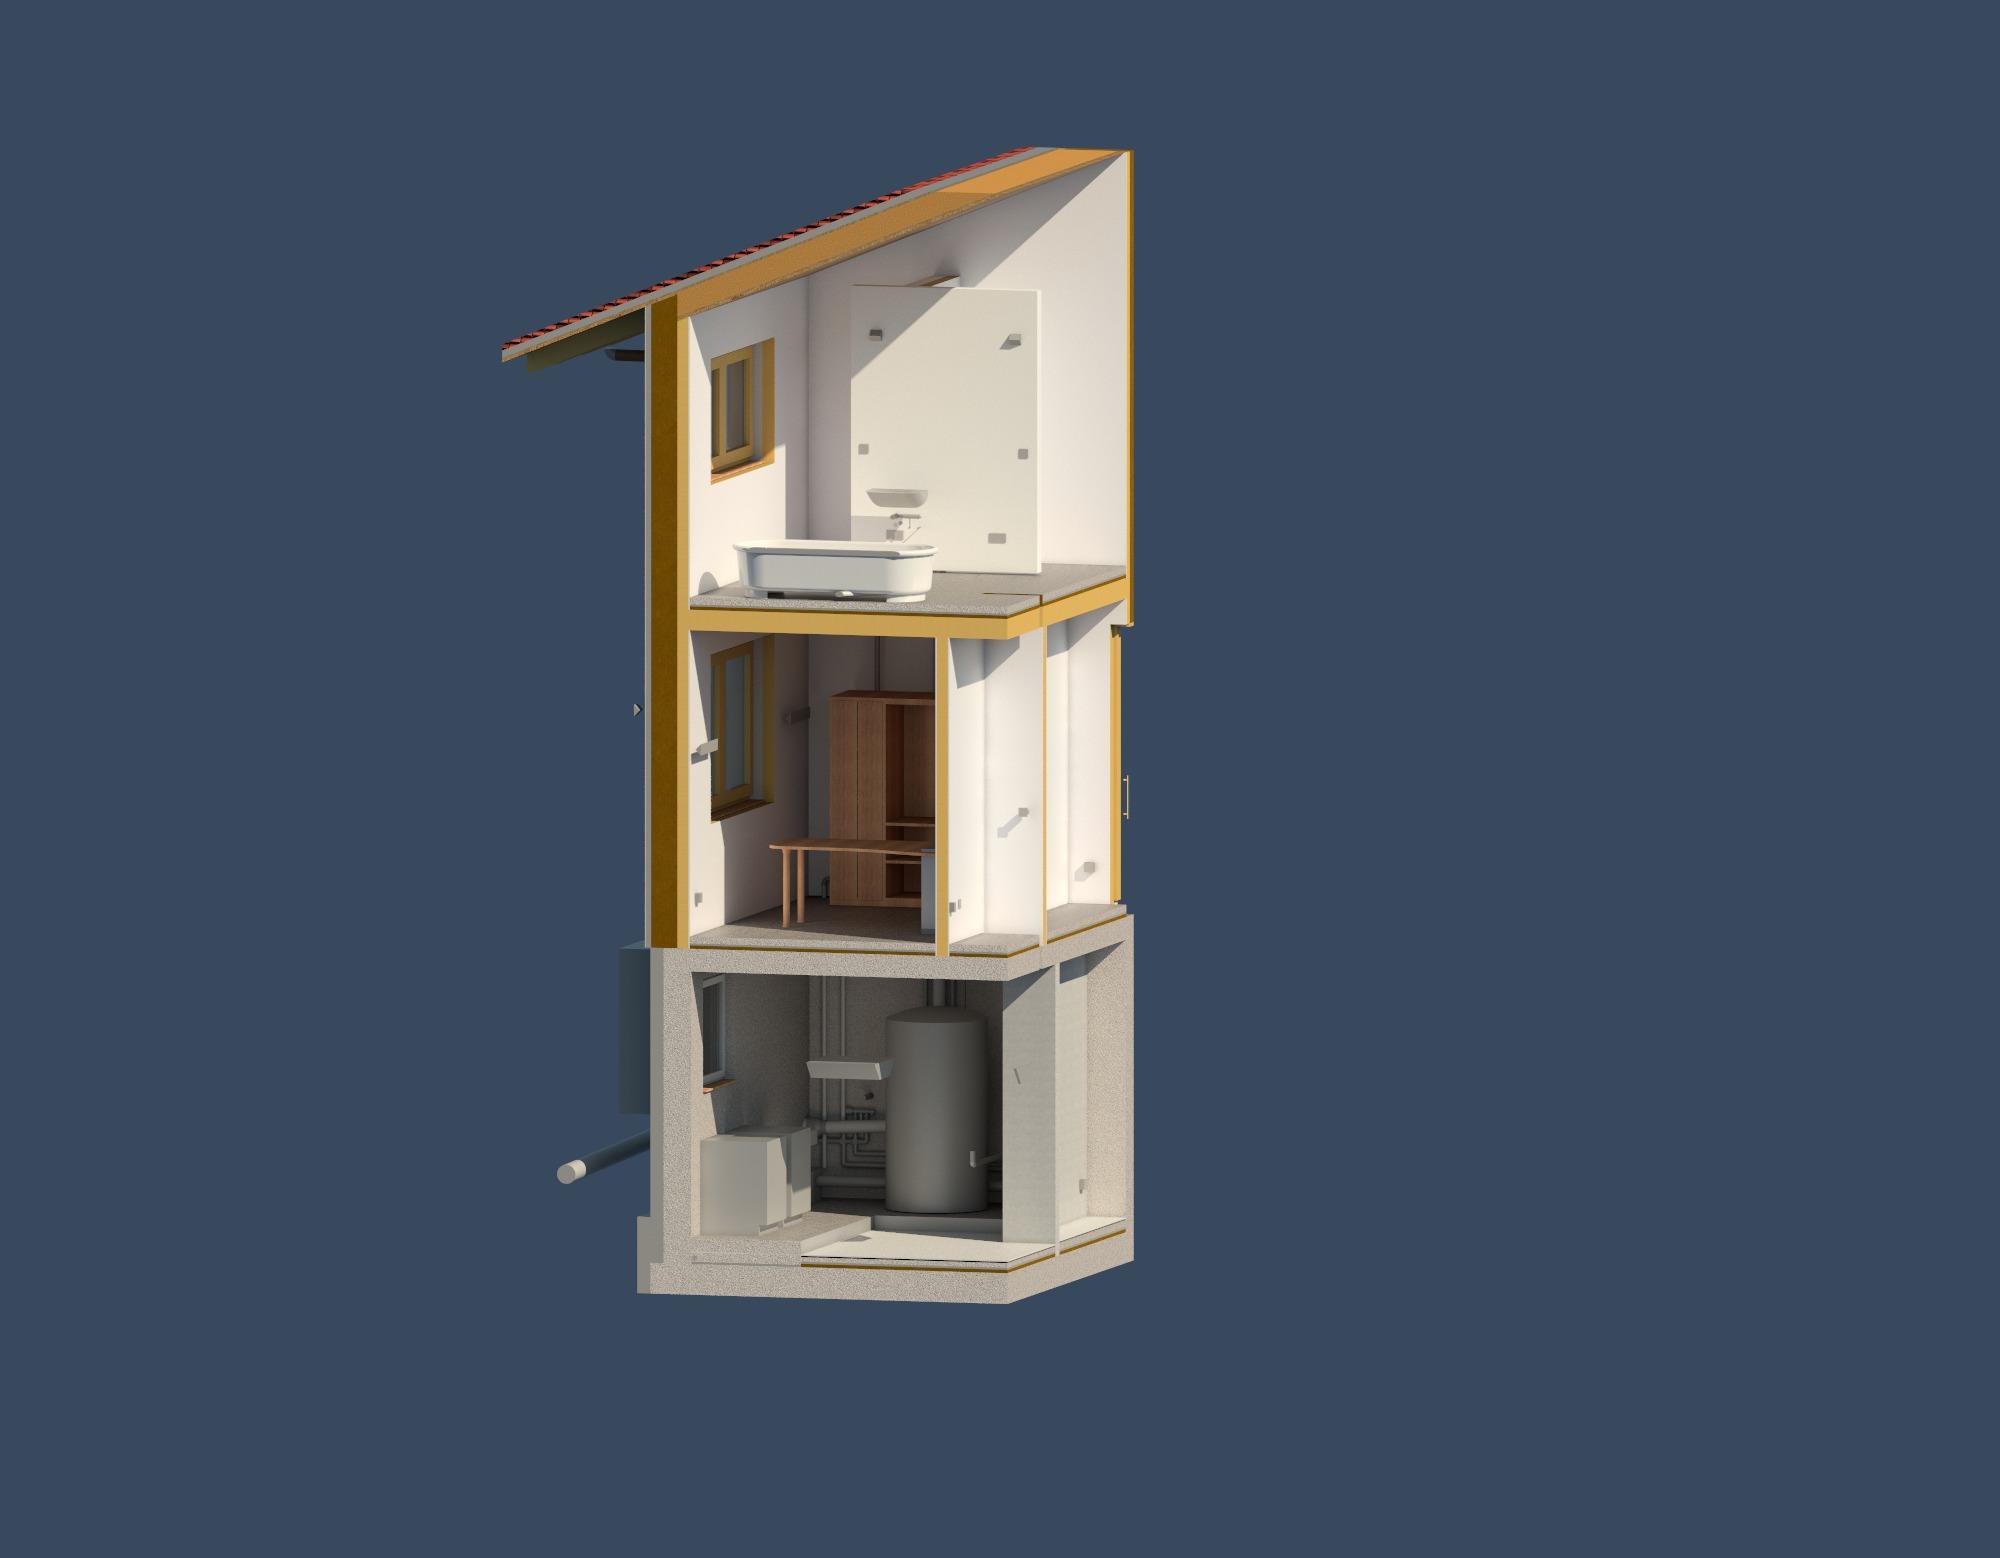 Raas-rendering20150312-25680-1u5orir